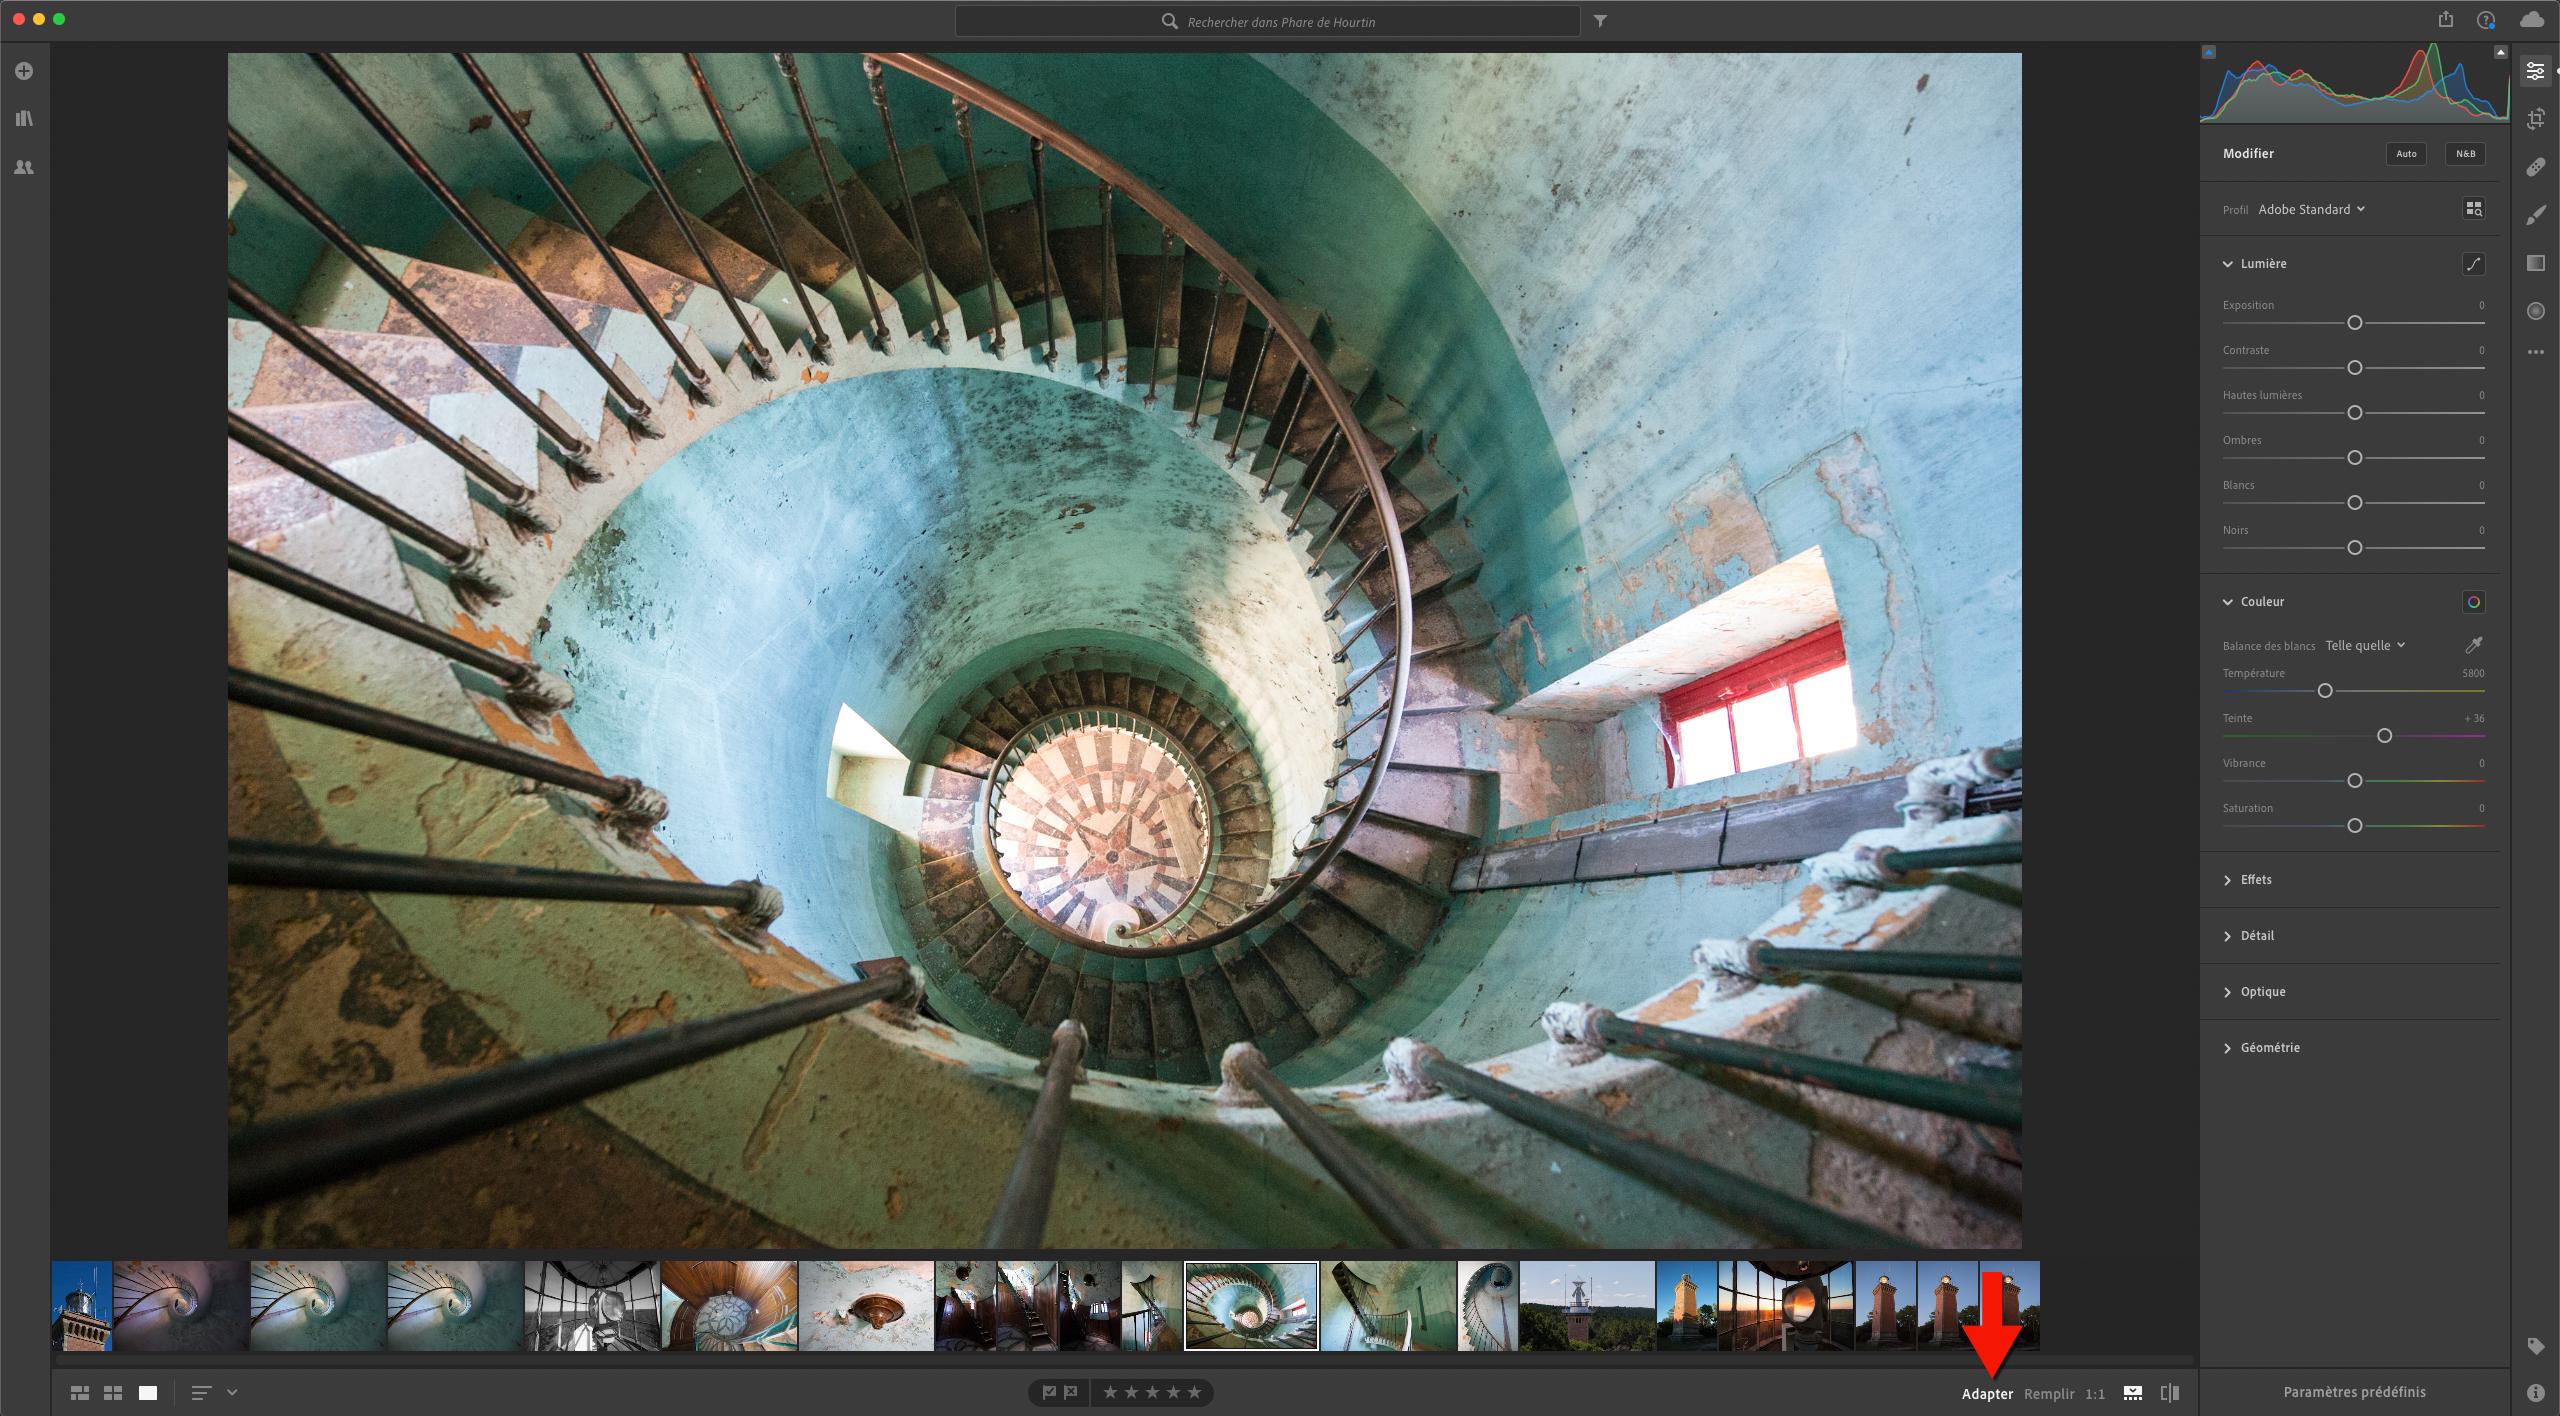 Utiliser Lightroom » Blog Archive » Le saviez-vous ? Zoomer à 200 % dans Lightroom CC (desktop)